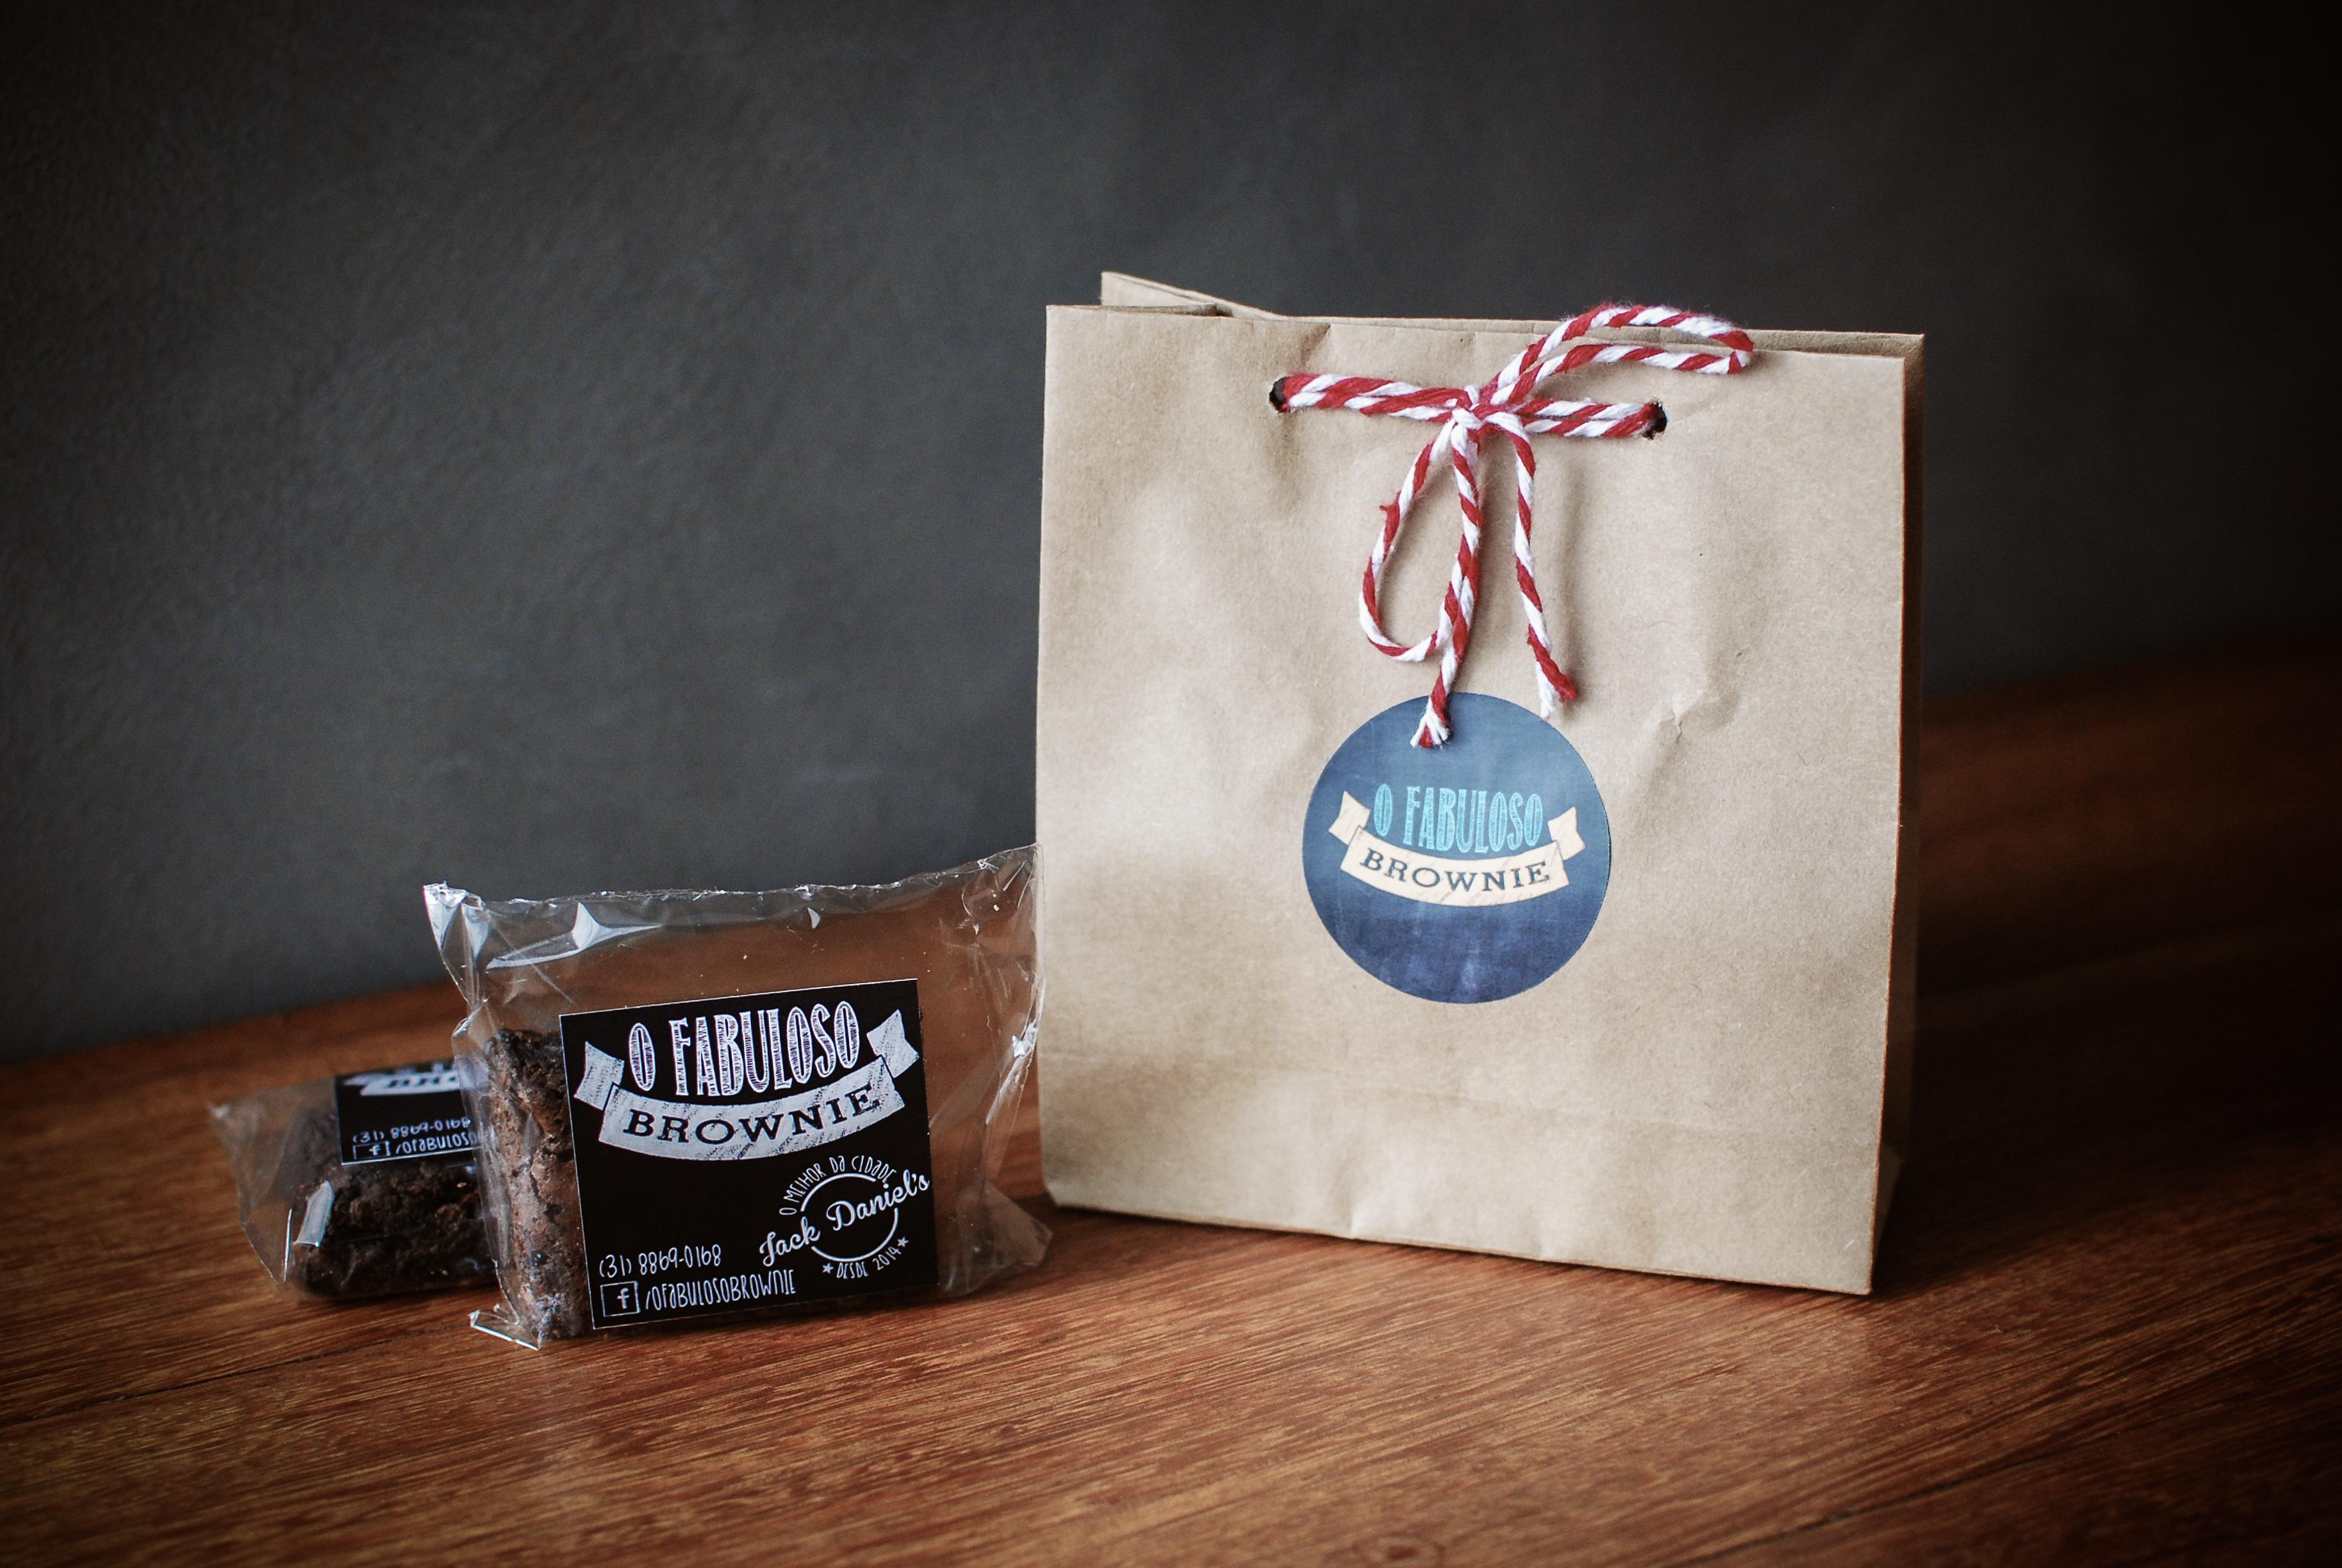 Kit 2 brownies - Natal 2014